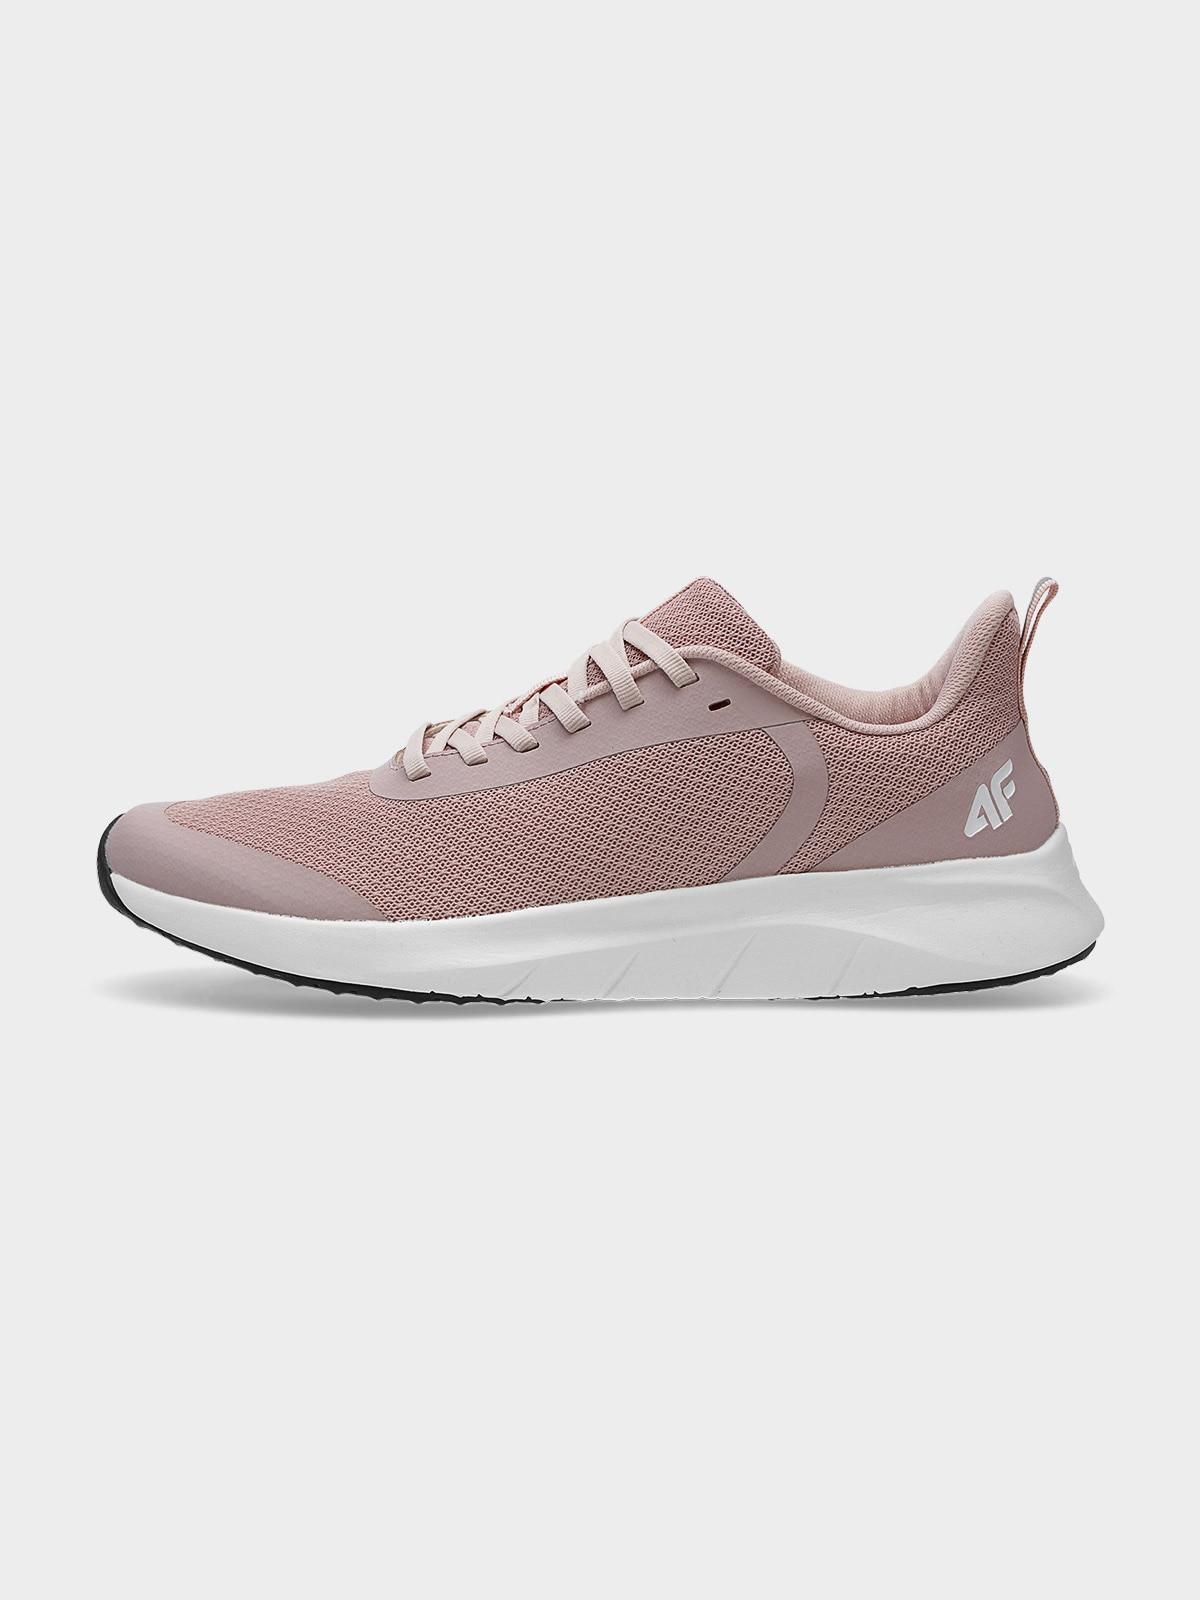 Levně Dámské sportovní boty - prášek růžový